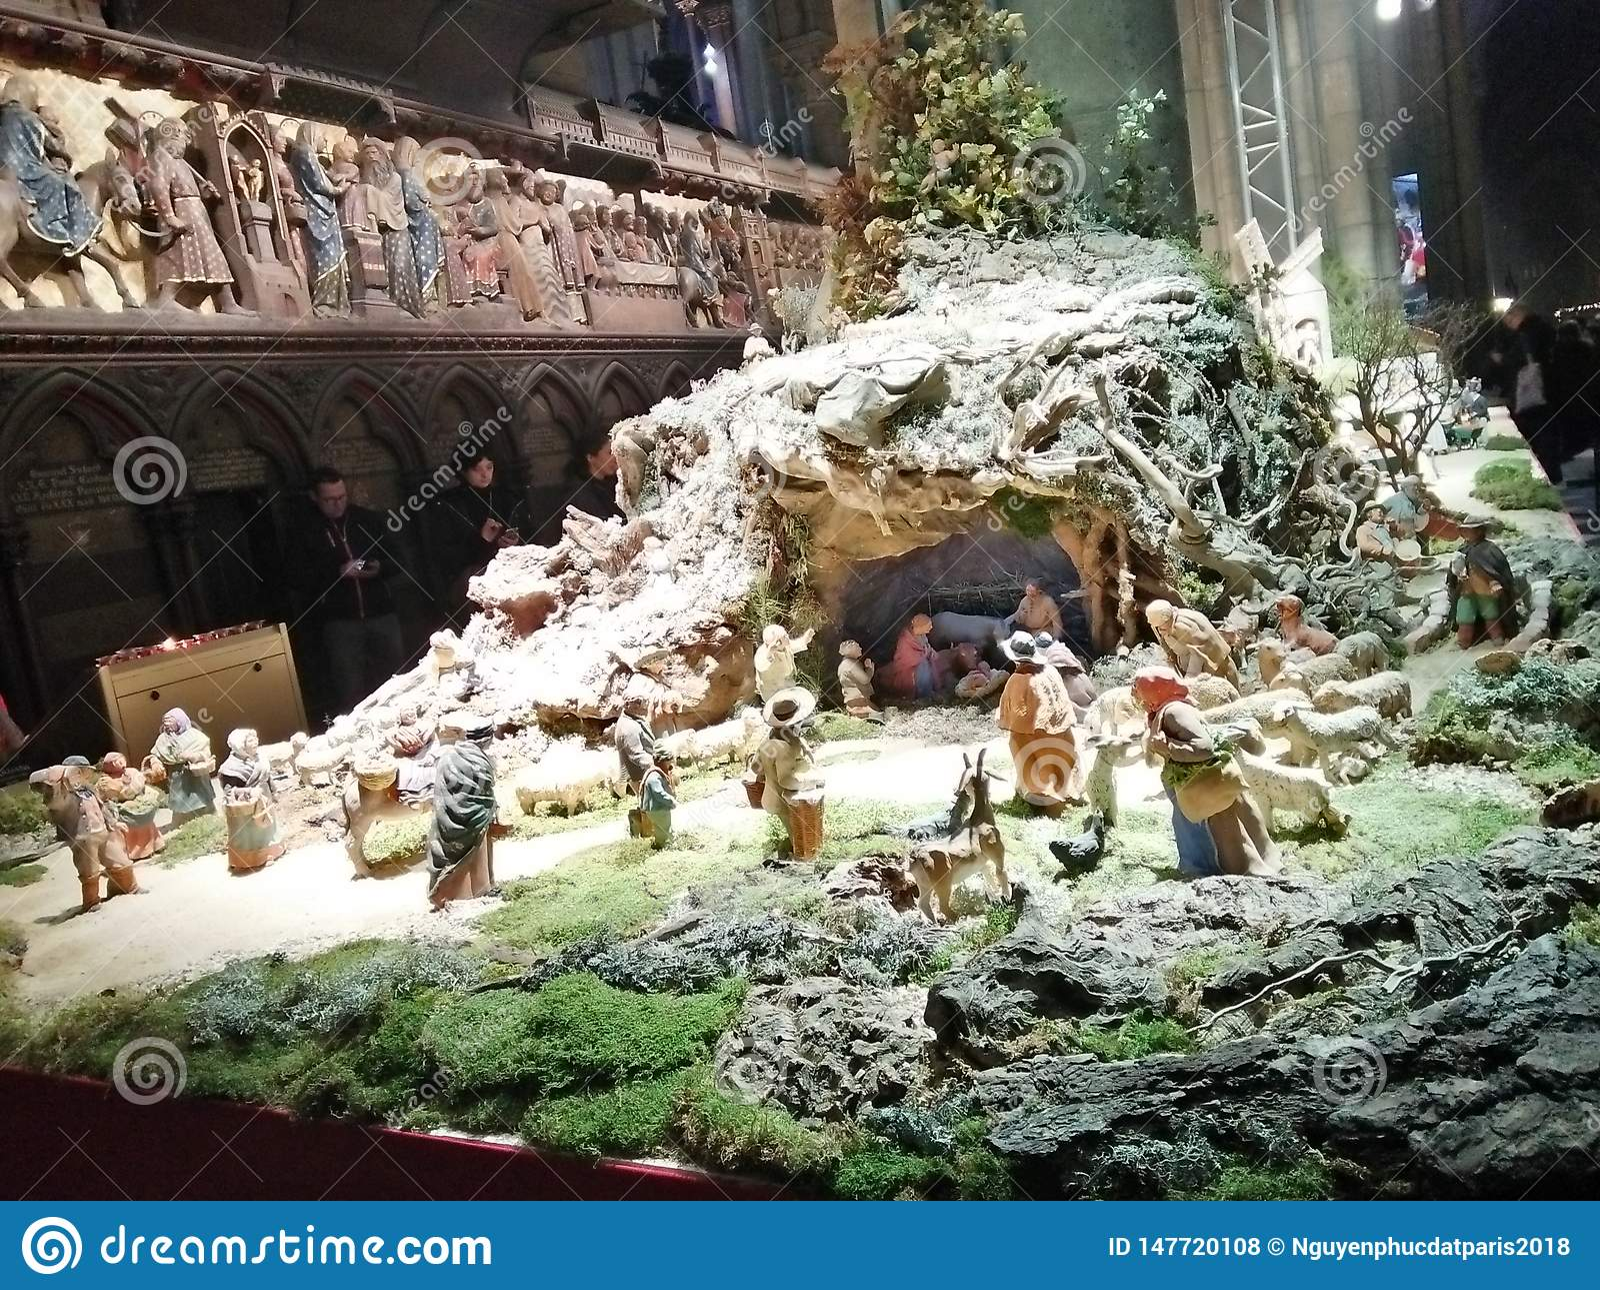 Photos à l intérieur de l église de Notre Dame Paris - chaleur de Noël